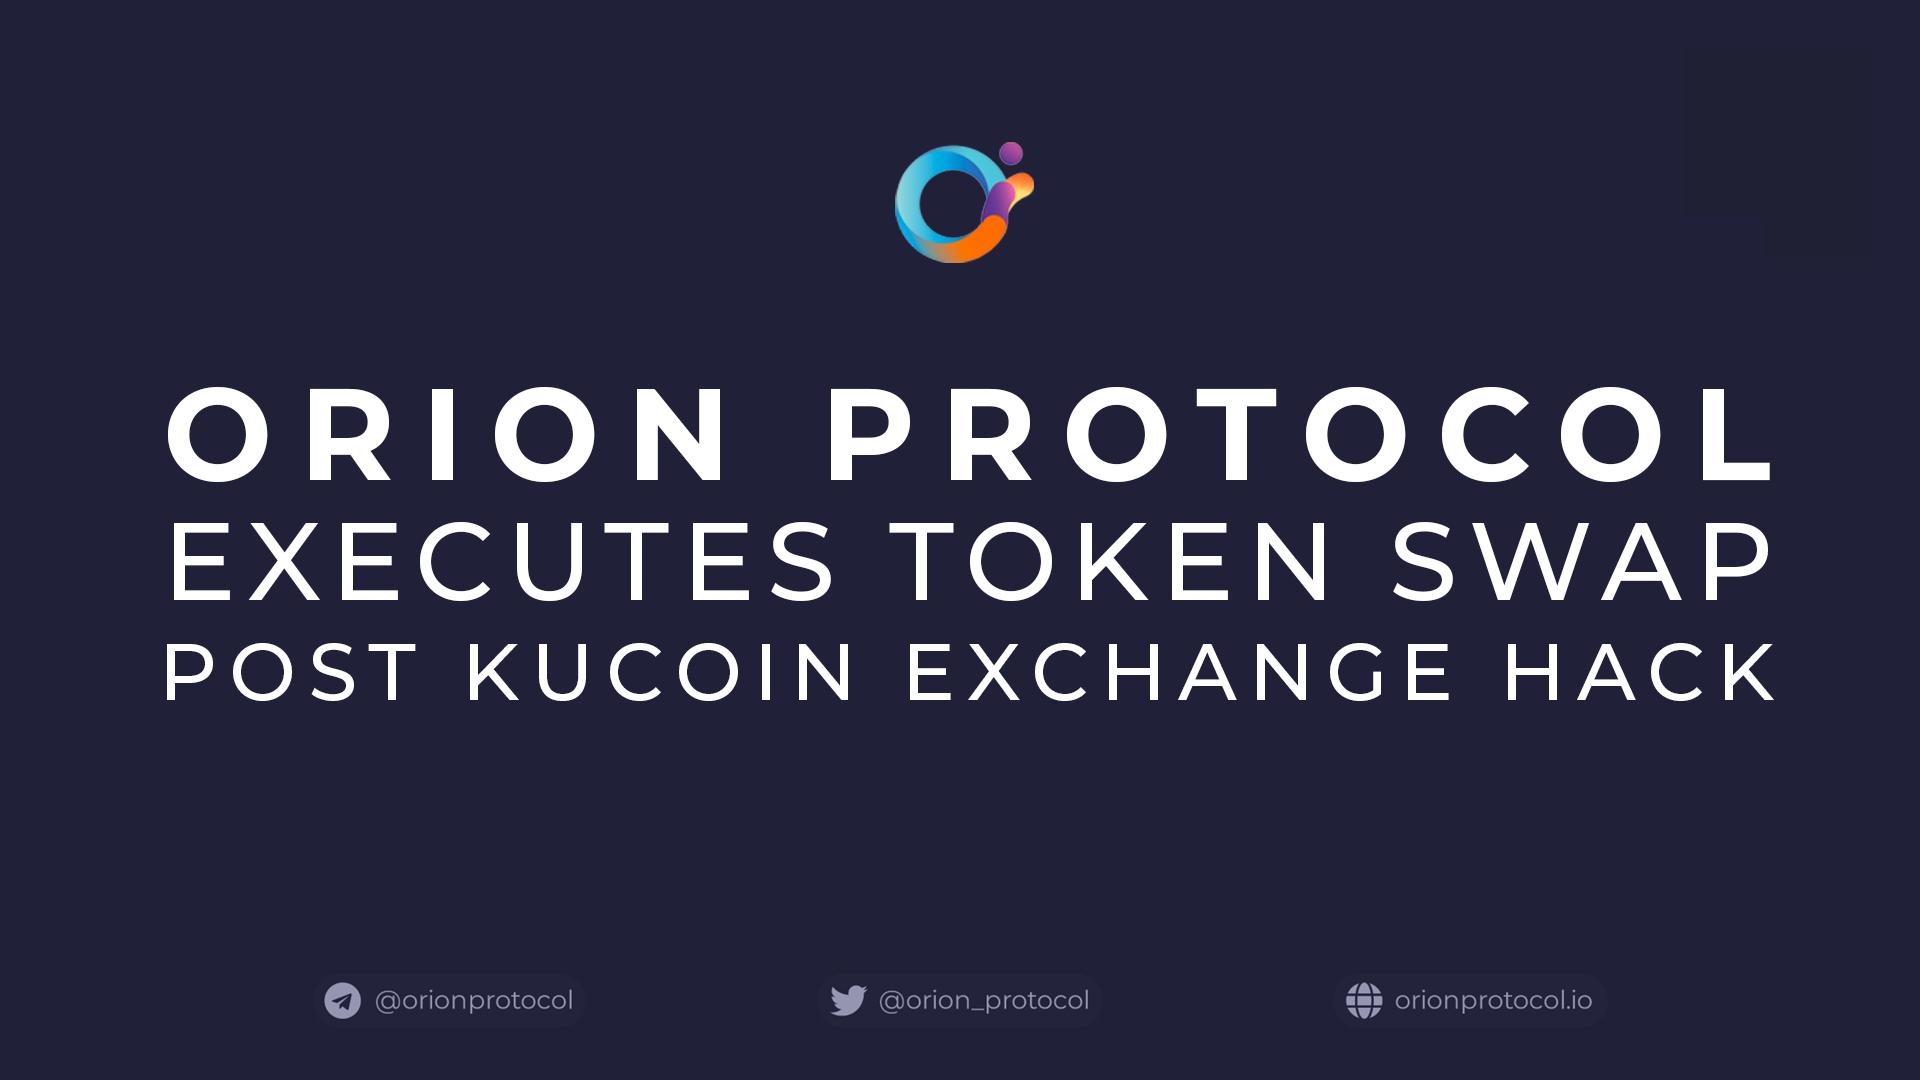 Orion Executes Token Swap